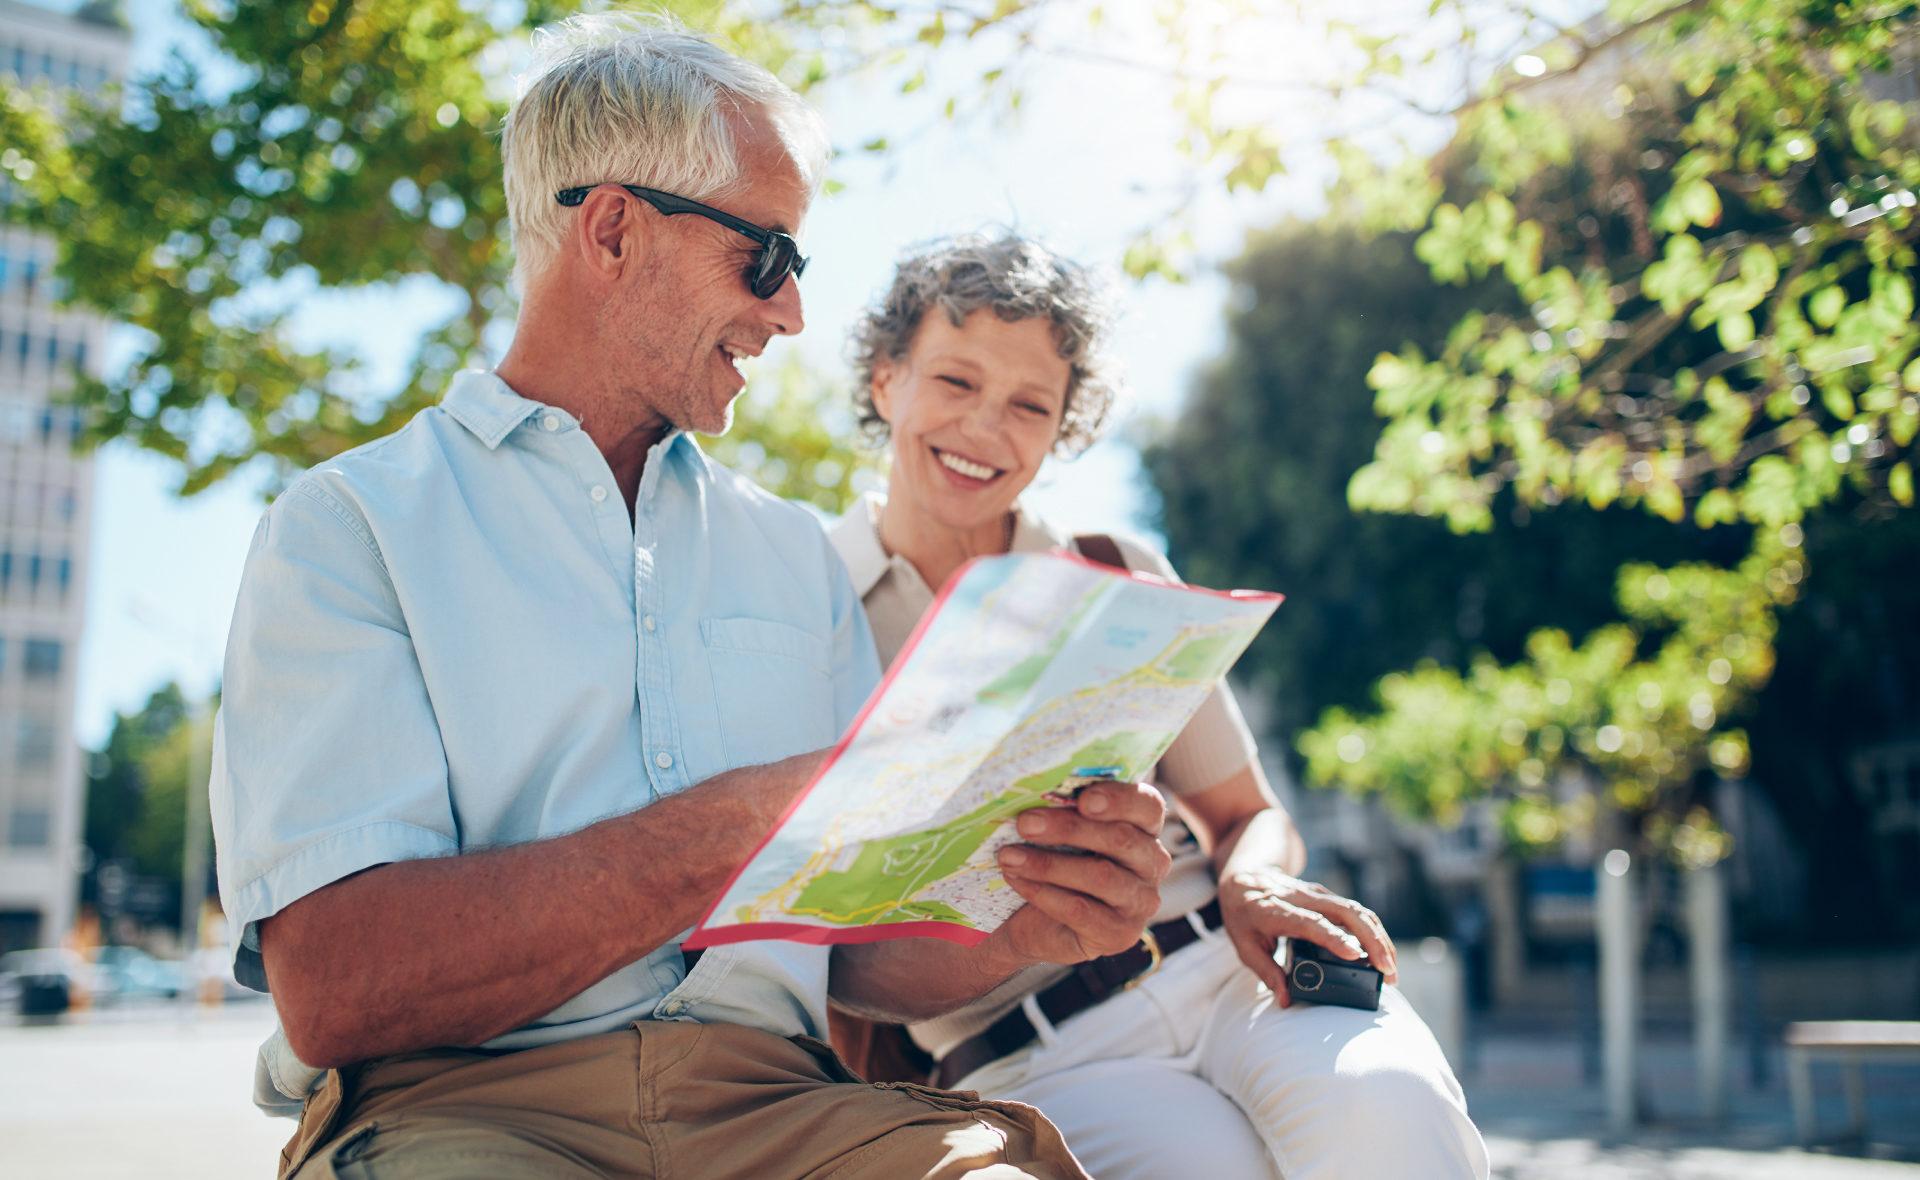 plan-de-pensiones-jubilación-retiro-ahorro